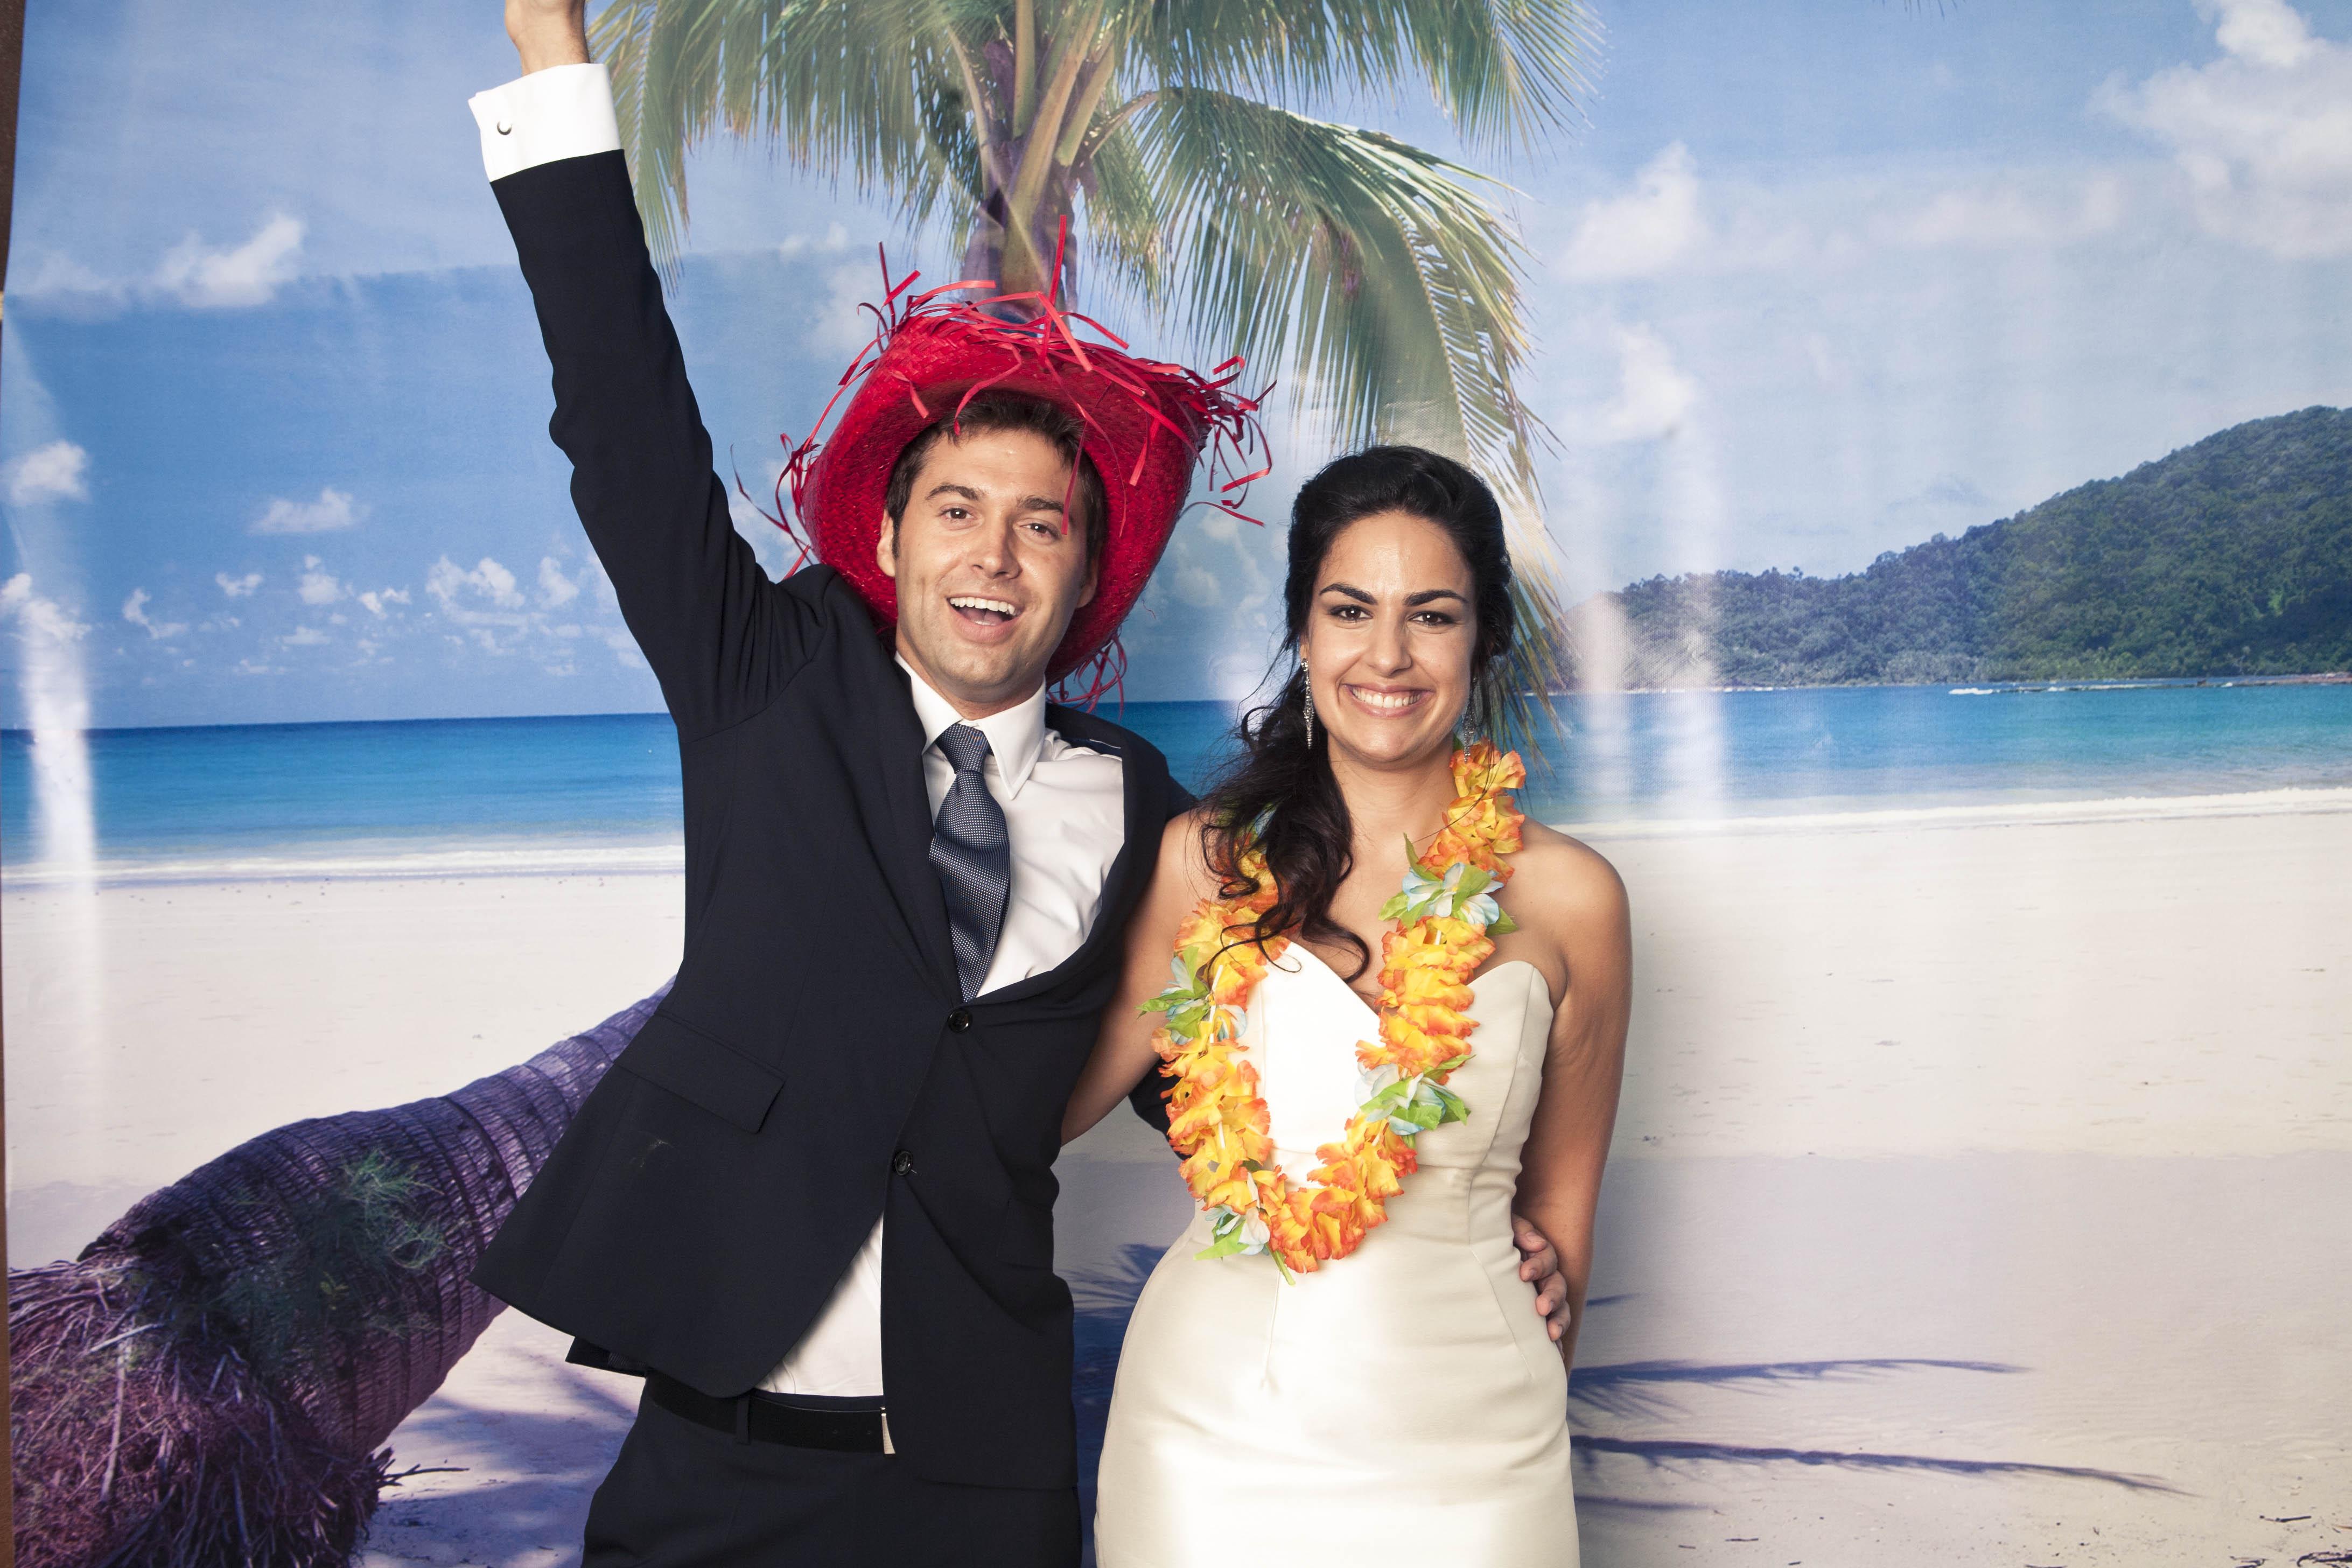 Algunas fotos de nuestra boda (que no había enseñado hasta ahora) - muymolon